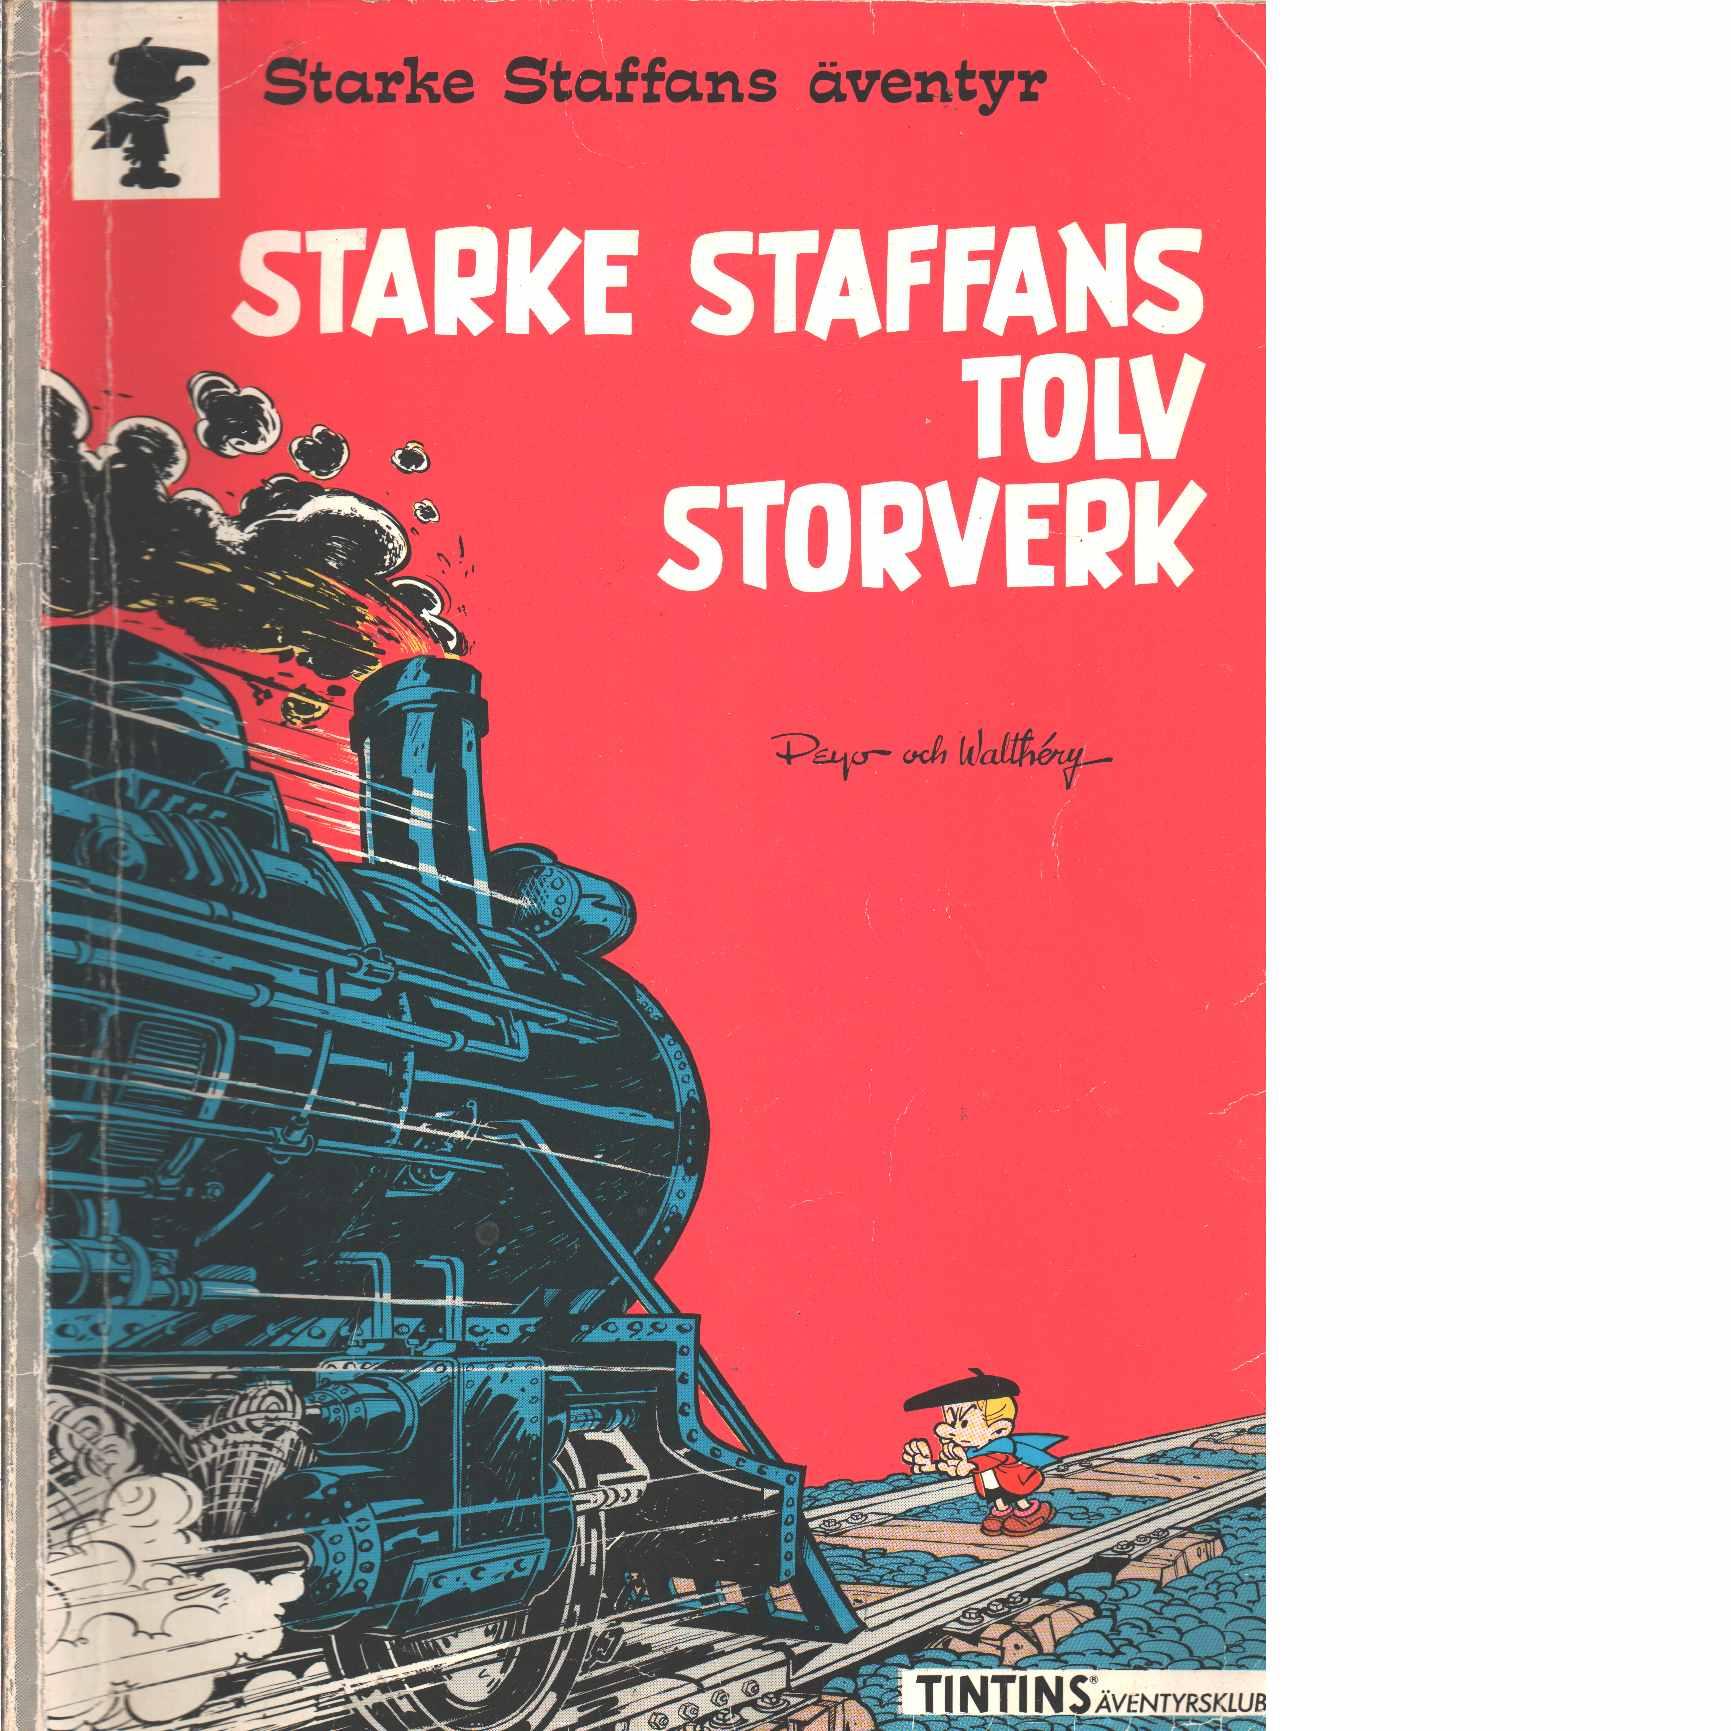 Starke Staffans äventyr :Tolv storverk - Peyo och Walthéry, François